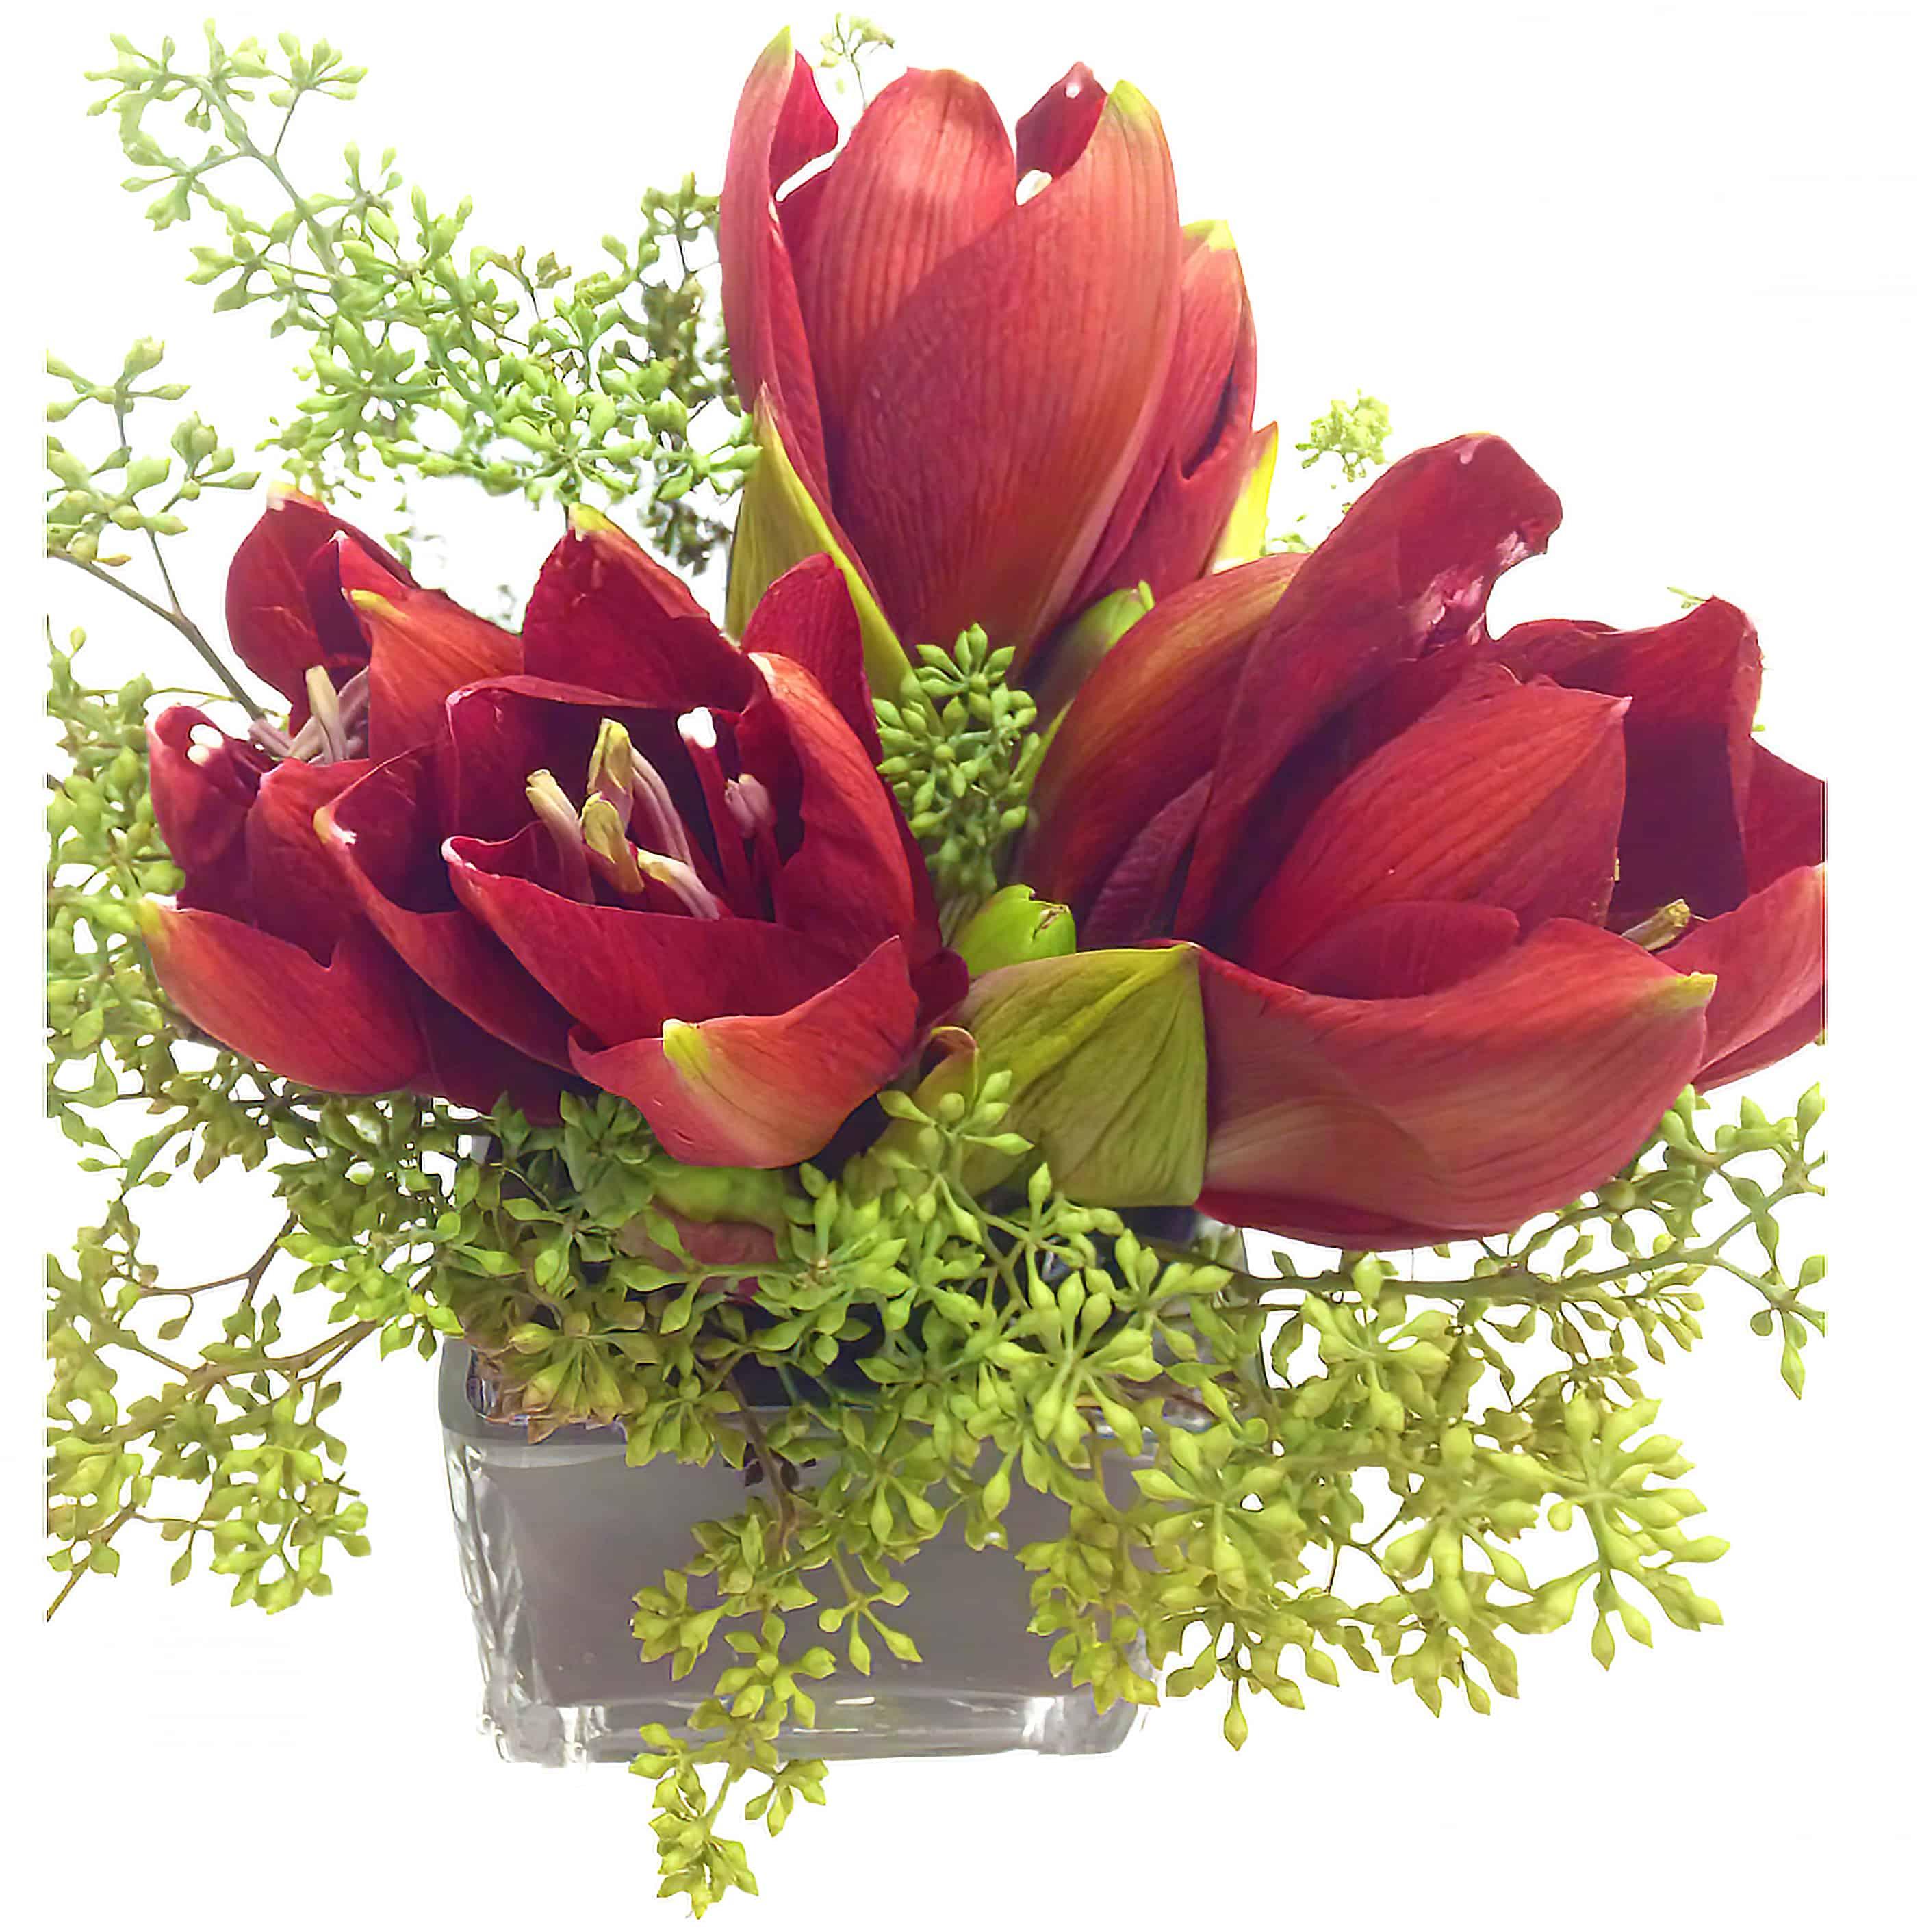 Red Amaryllis Flower Arrangement